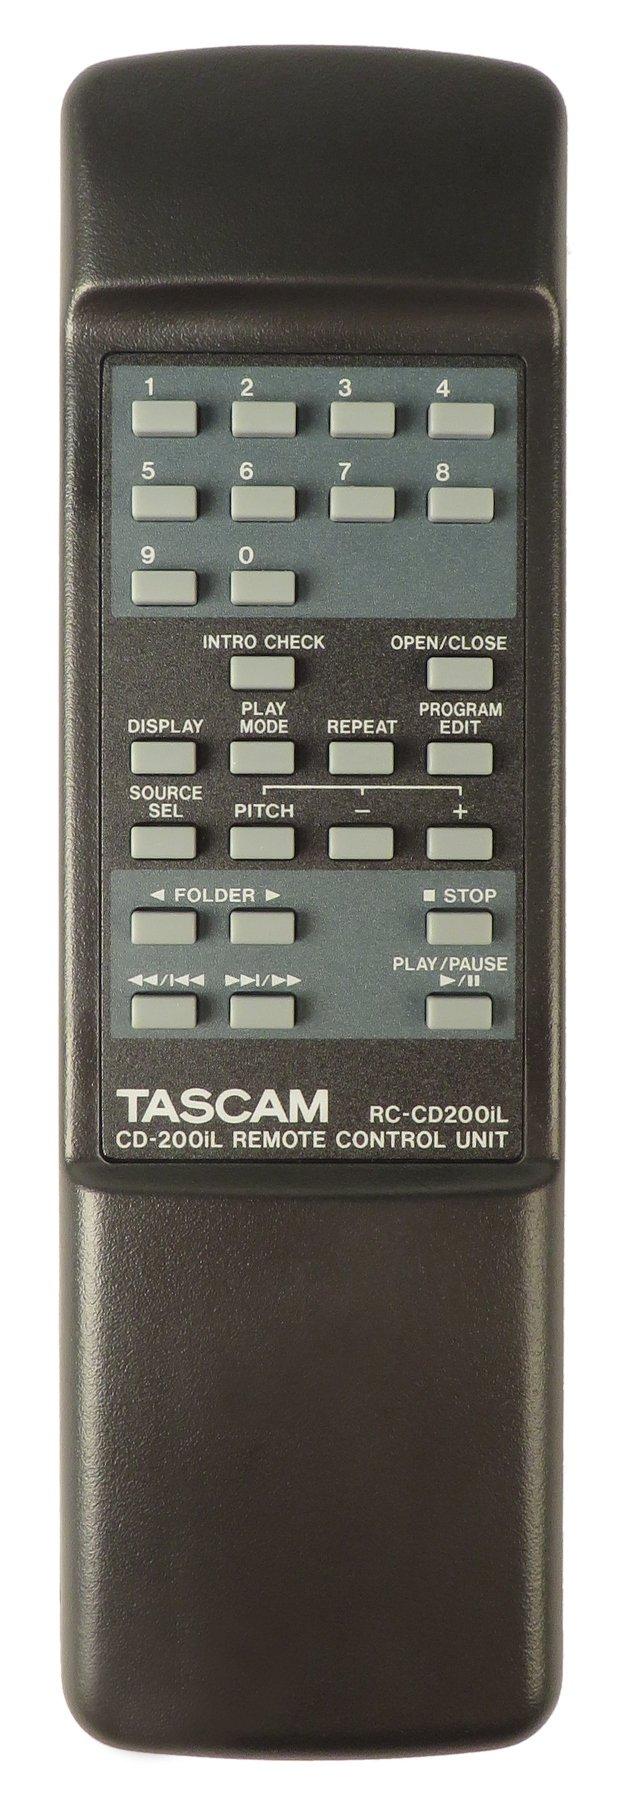 Remote for CD-200iL